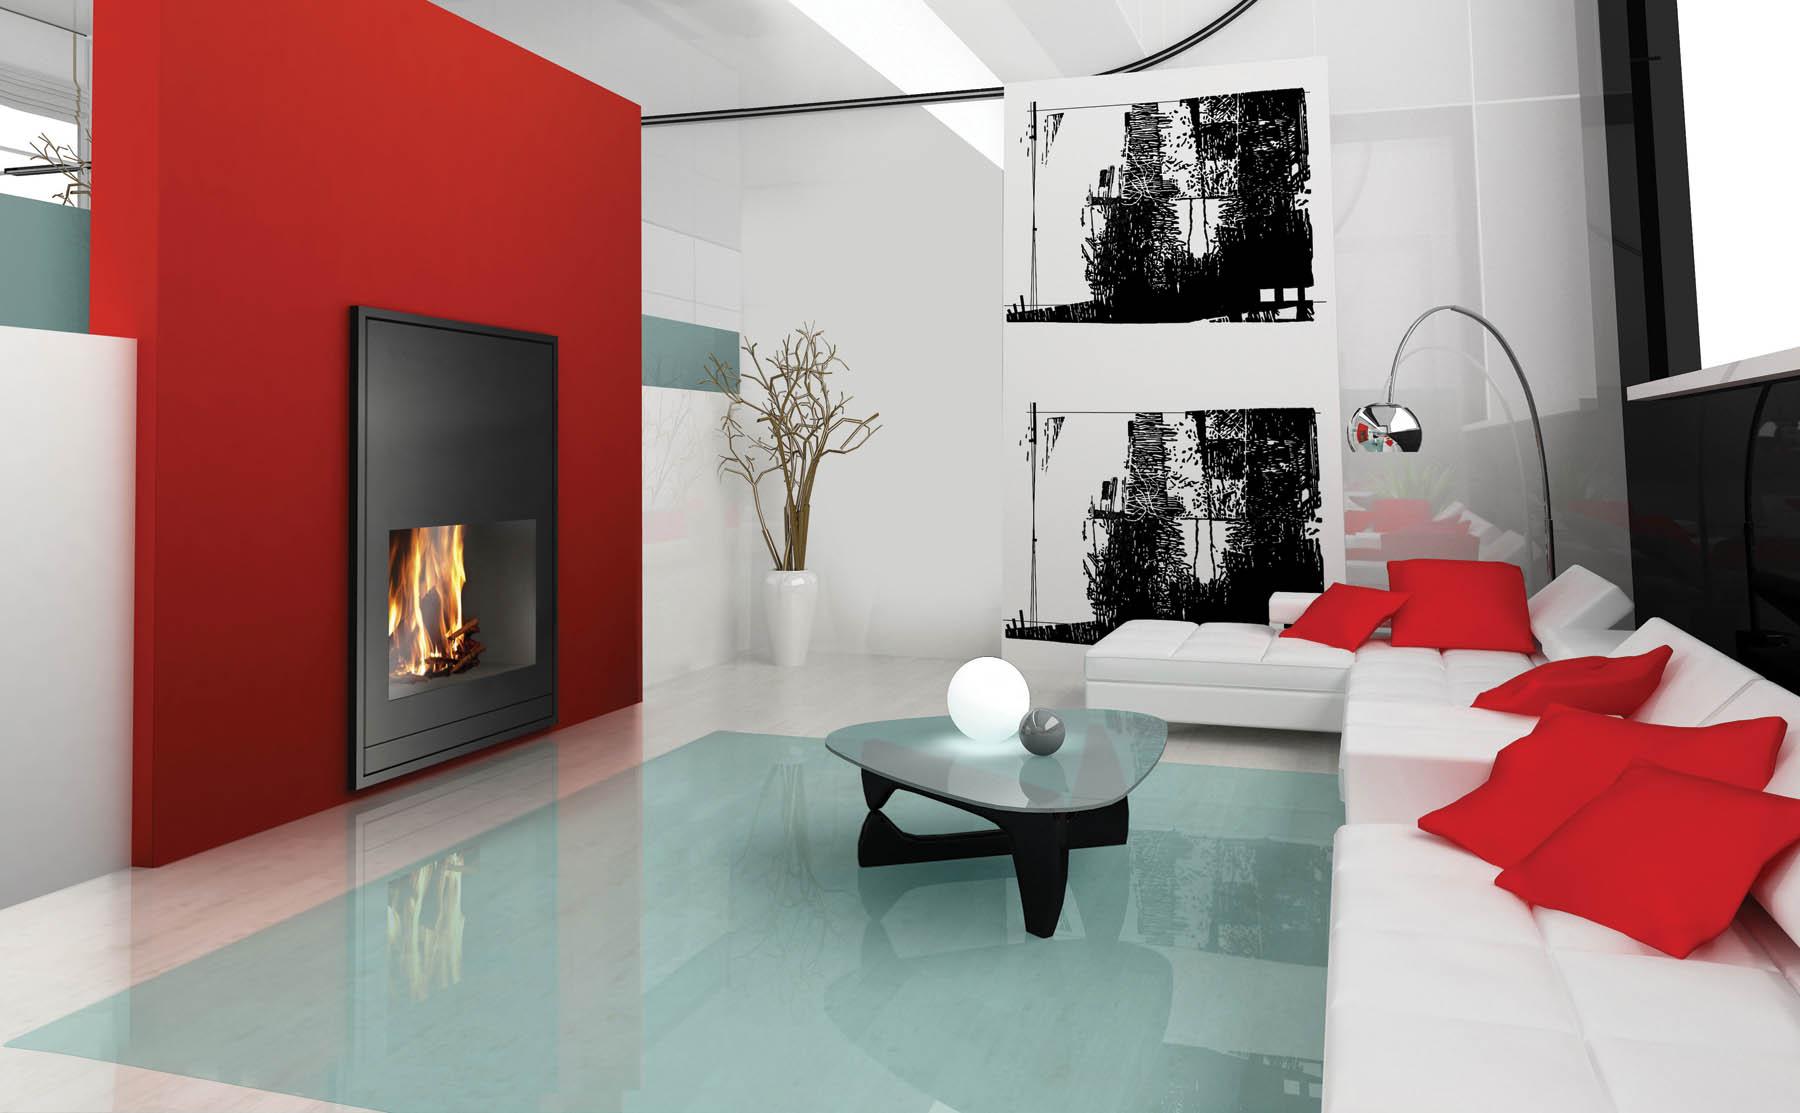 Calor de hogar con lo ltimo en dise o for Diseno de hogares a lena modernos